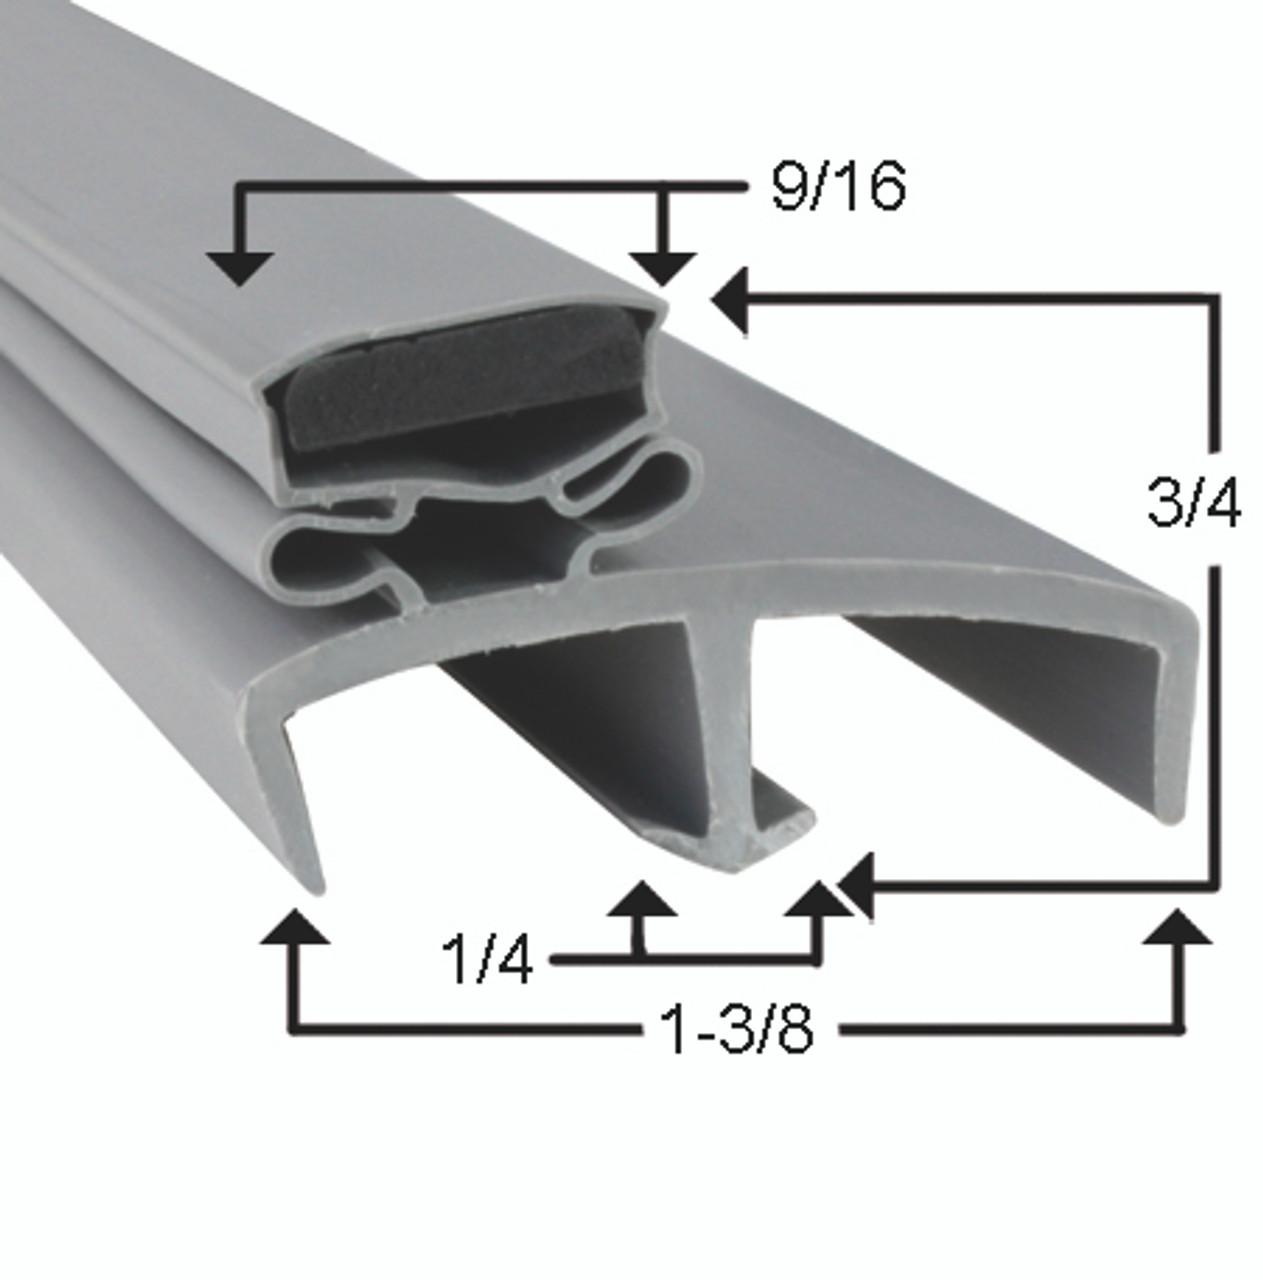 Victory Door Gasket Profile 085 13 1/2 x 25 1/4 -2